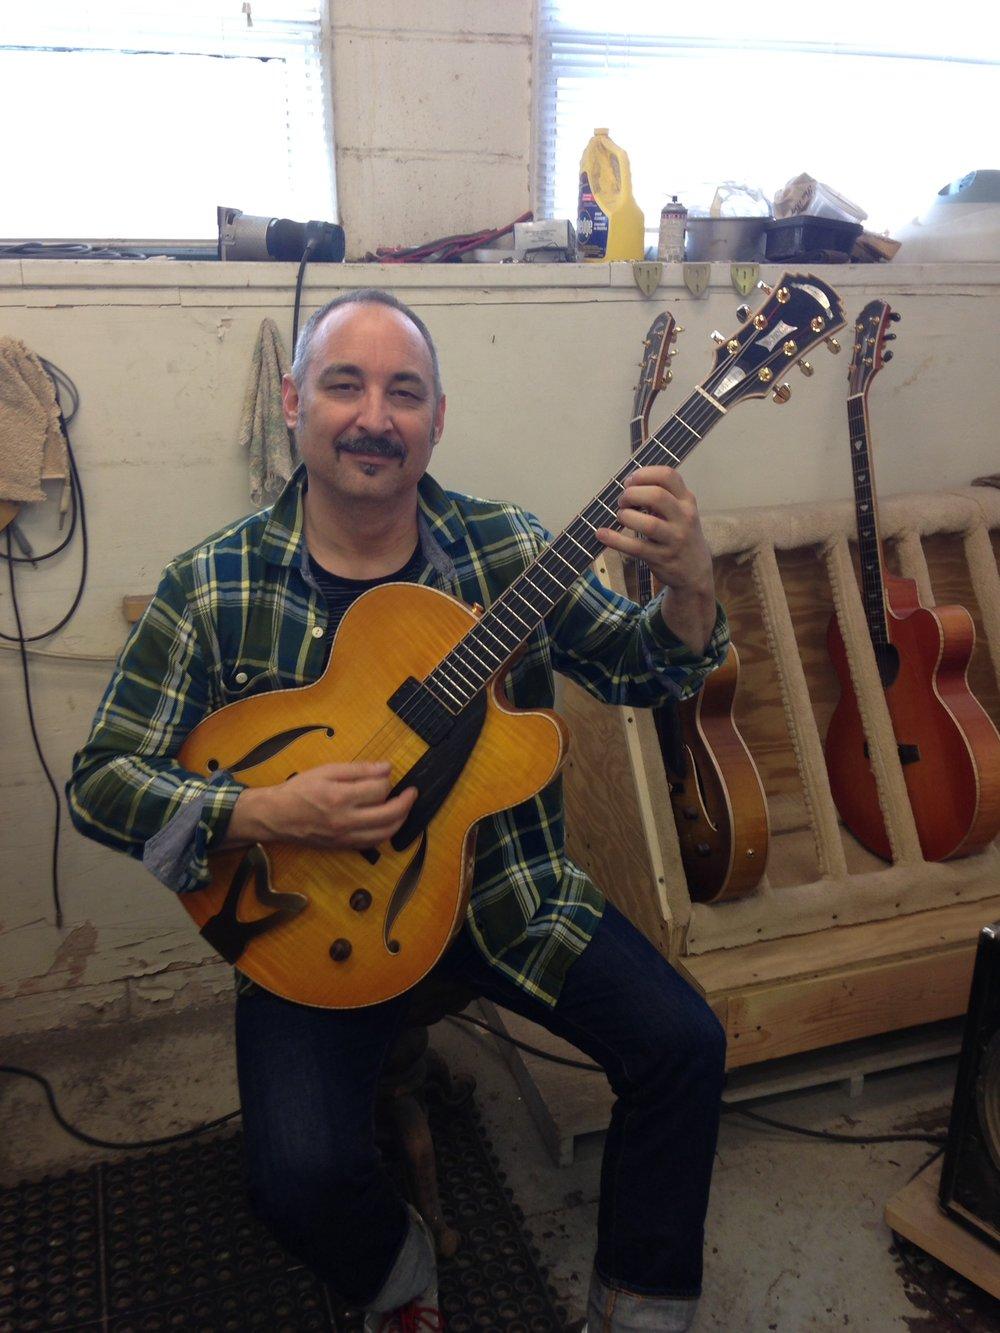 borys_guitars_IMG_0008_2.jpg